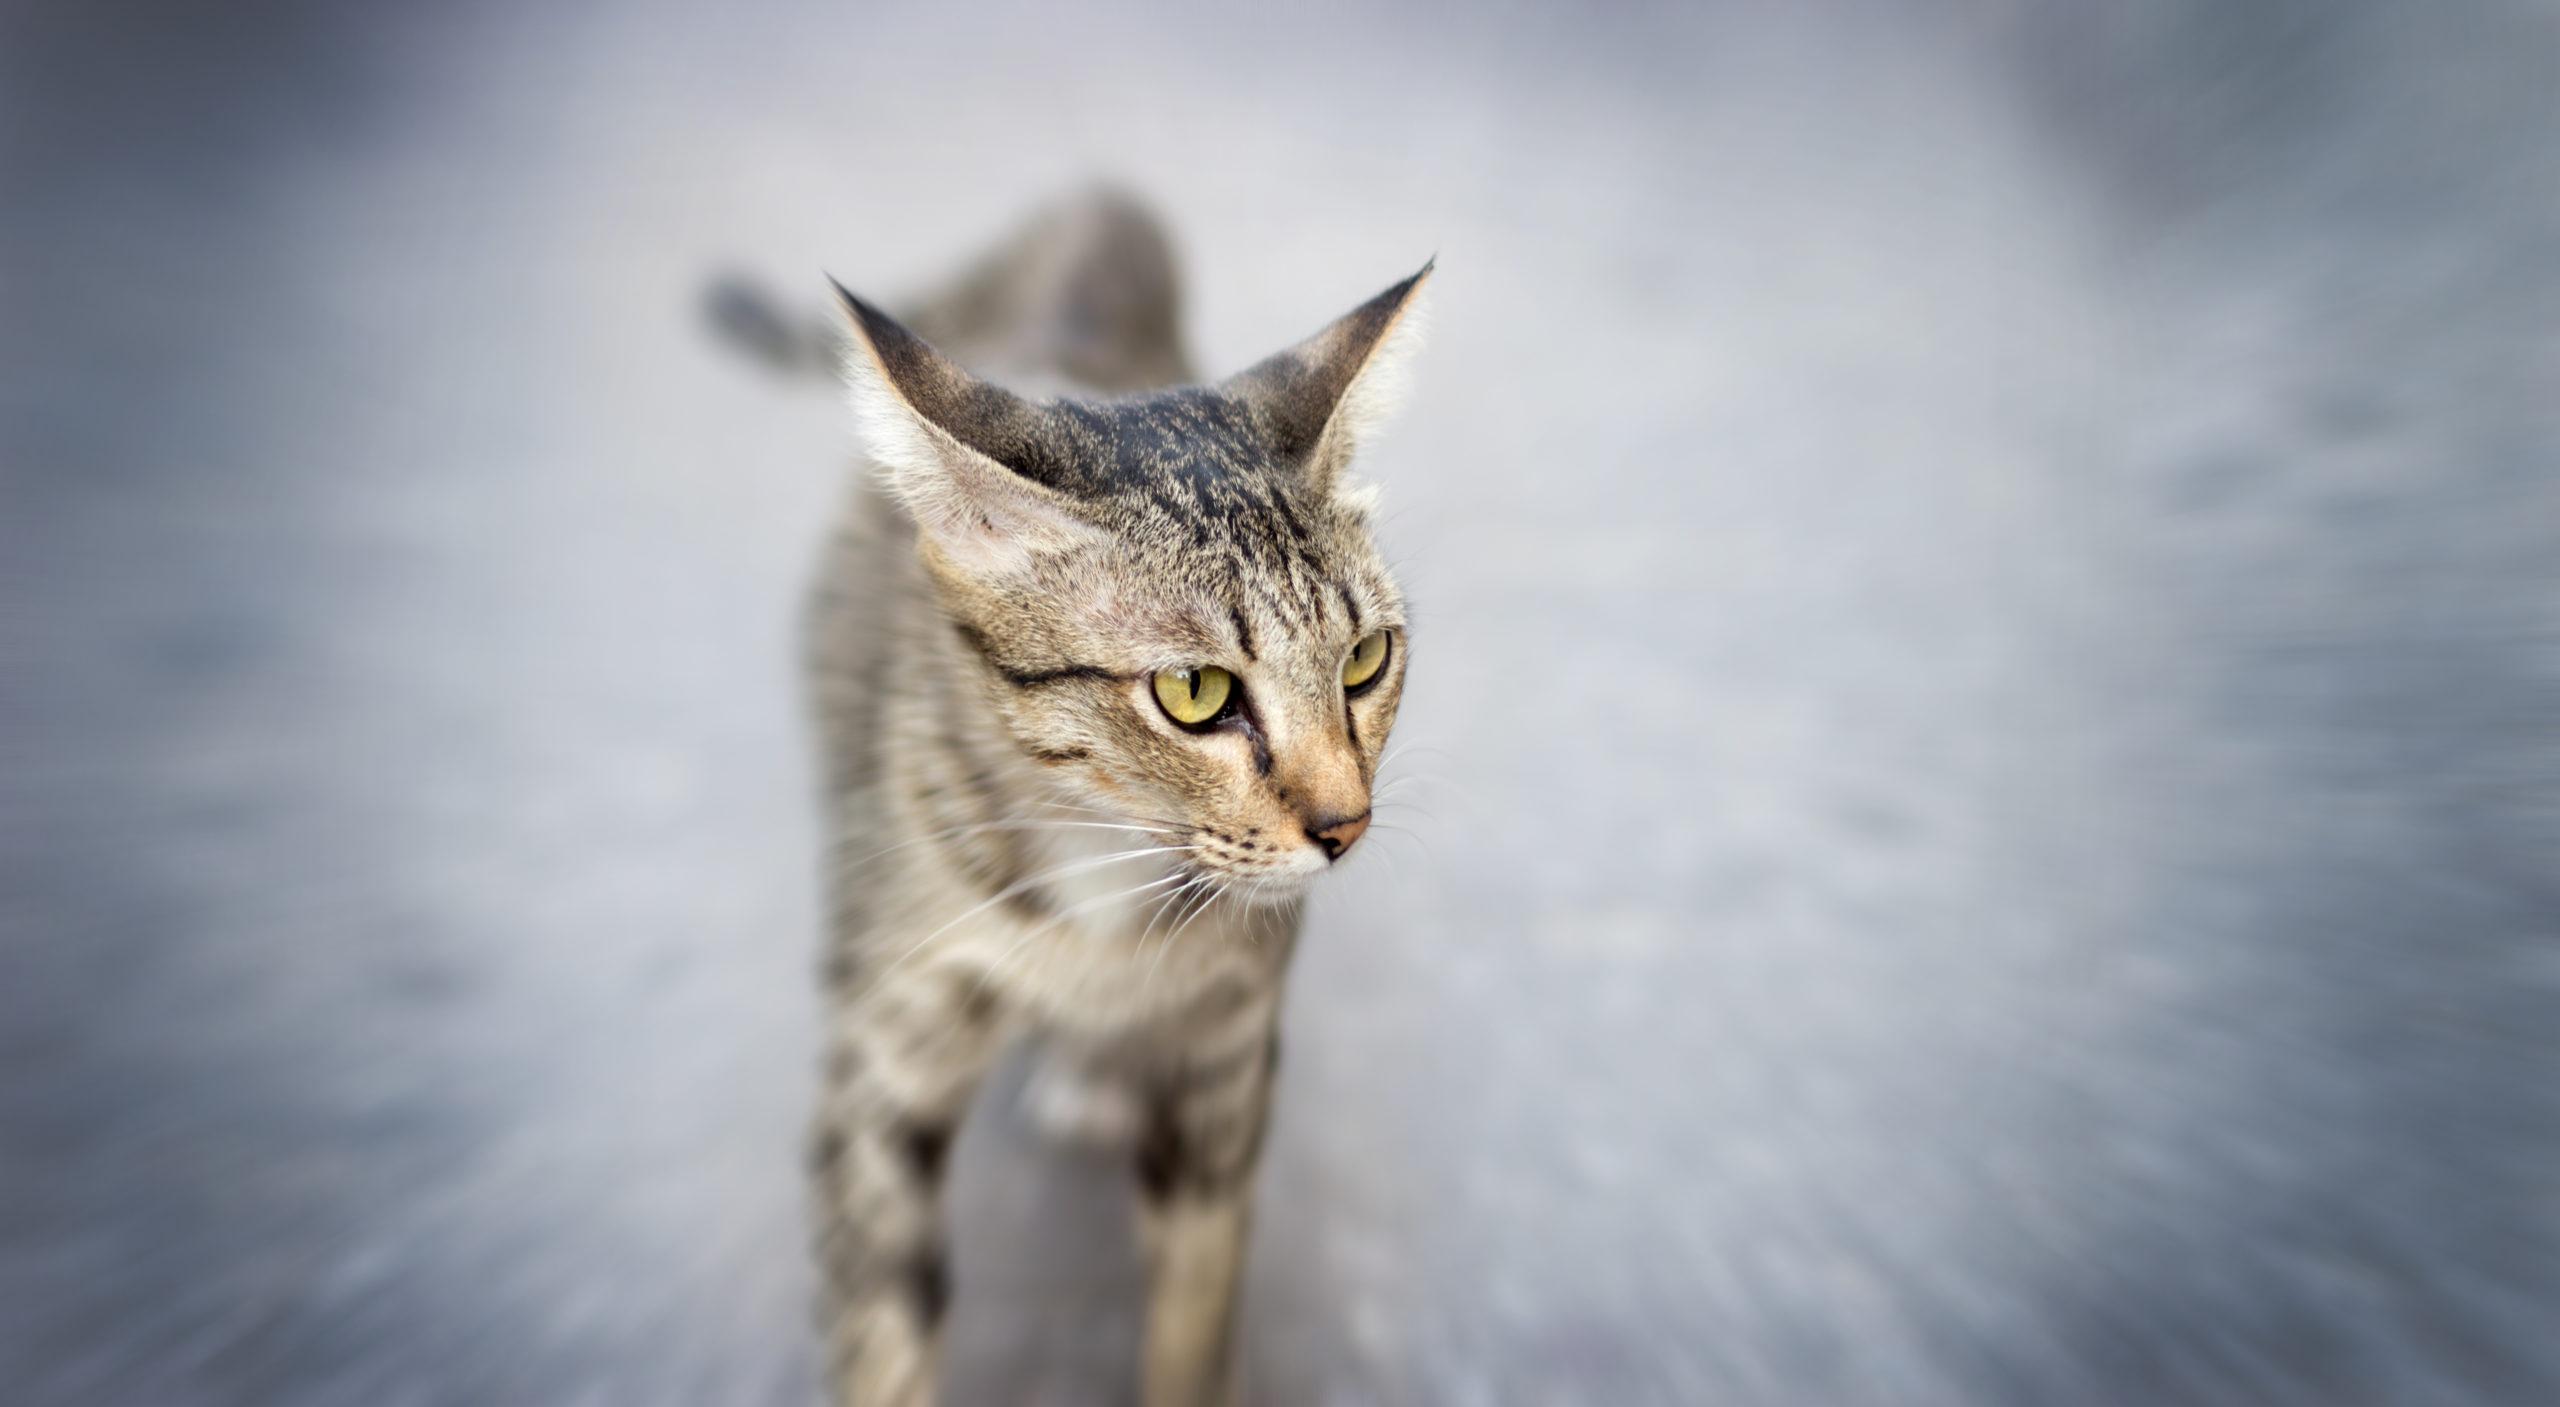 猫のトイレハイって何?【猫がトイレハイになる3つの理由】